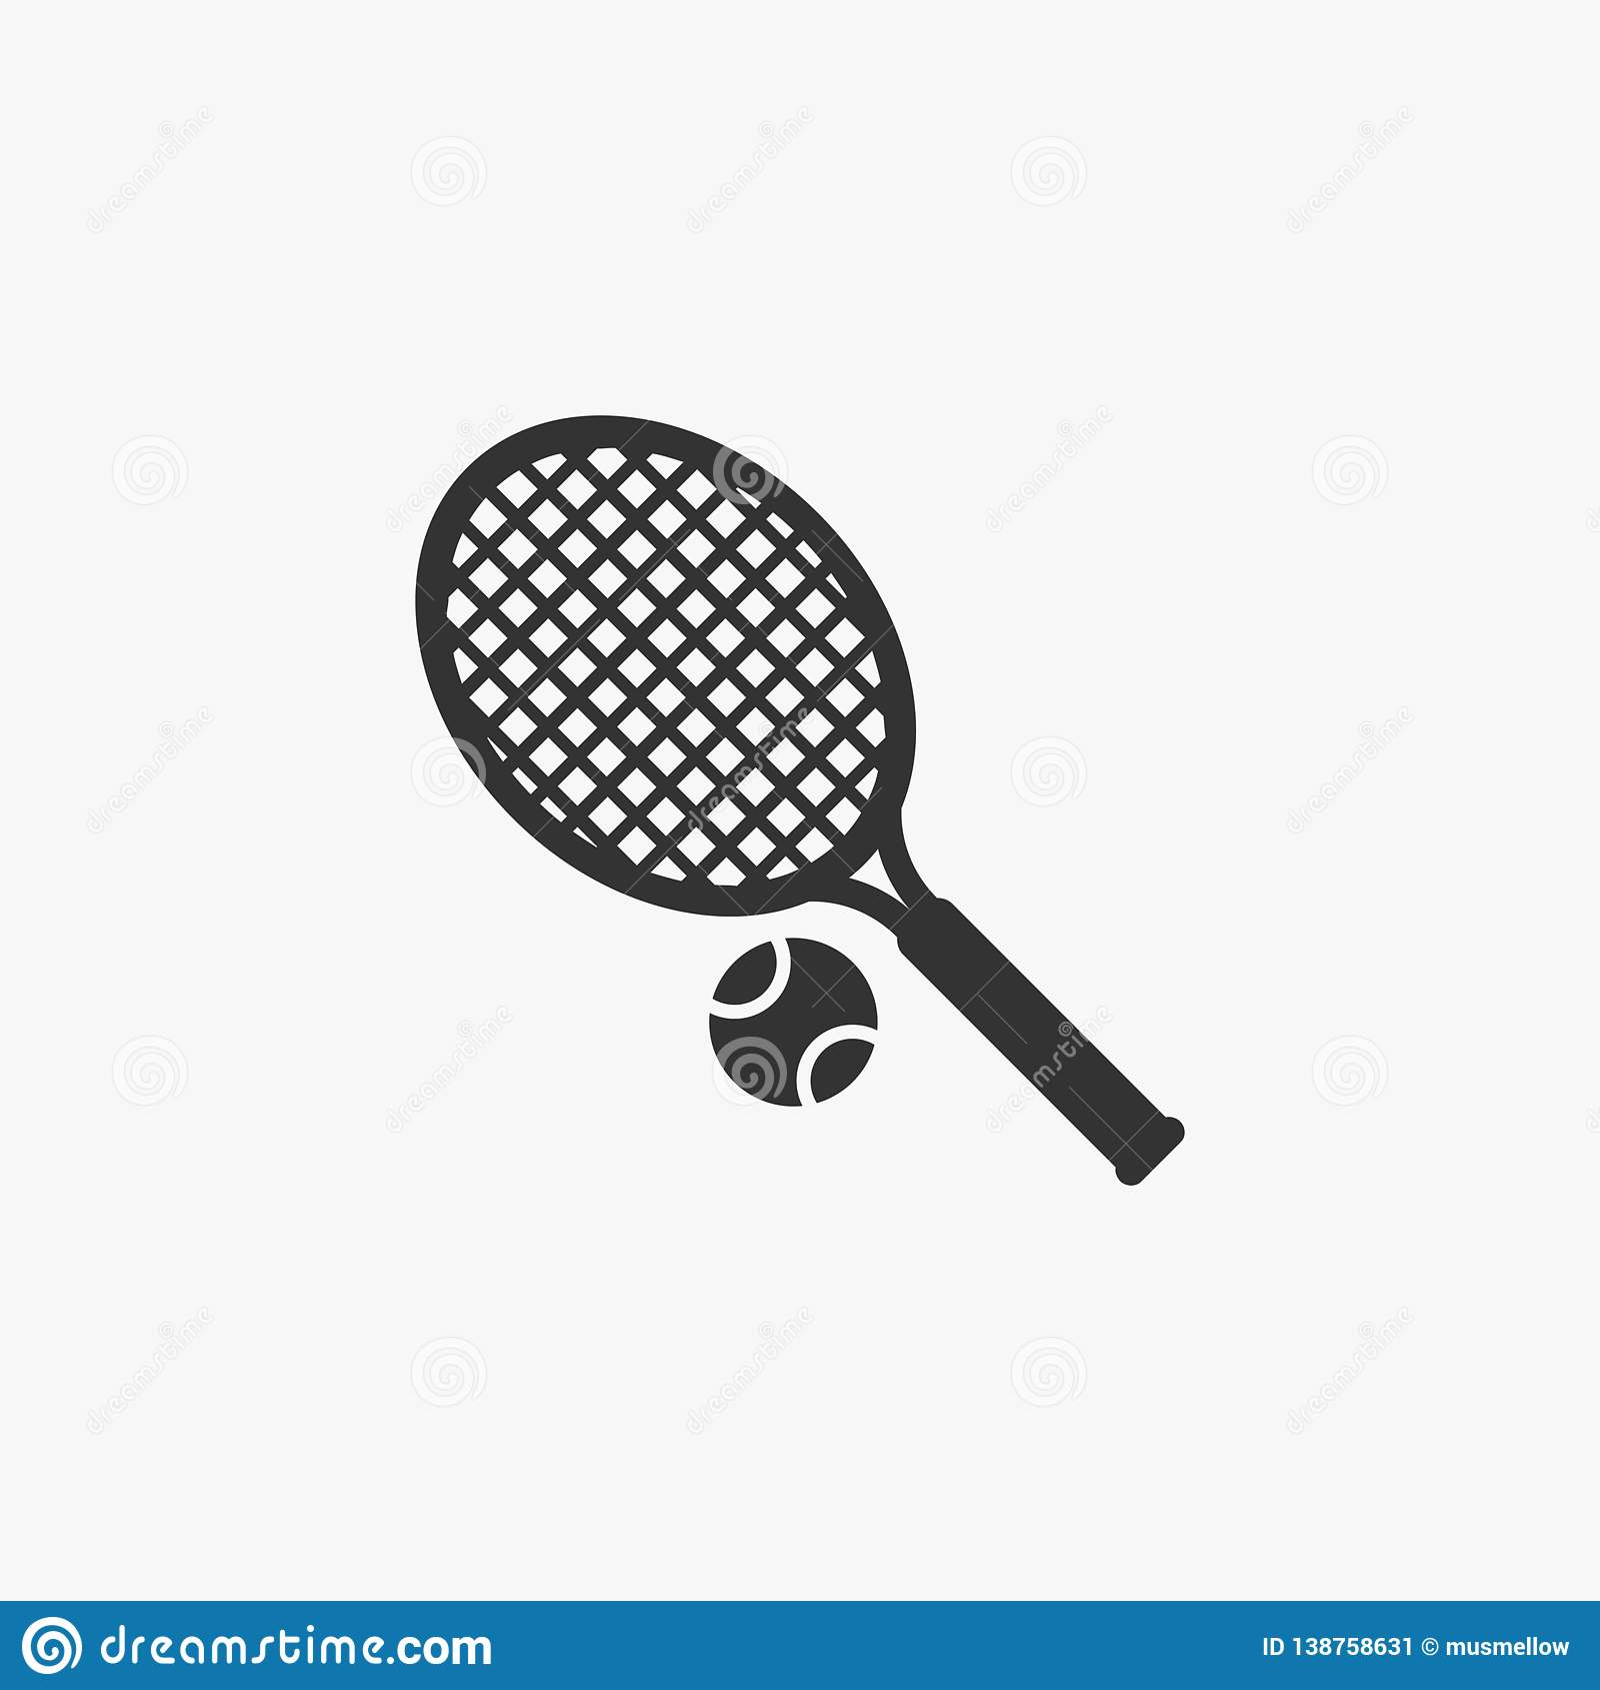 Icona di tennis, sport, gioco, tennis di prato inglese